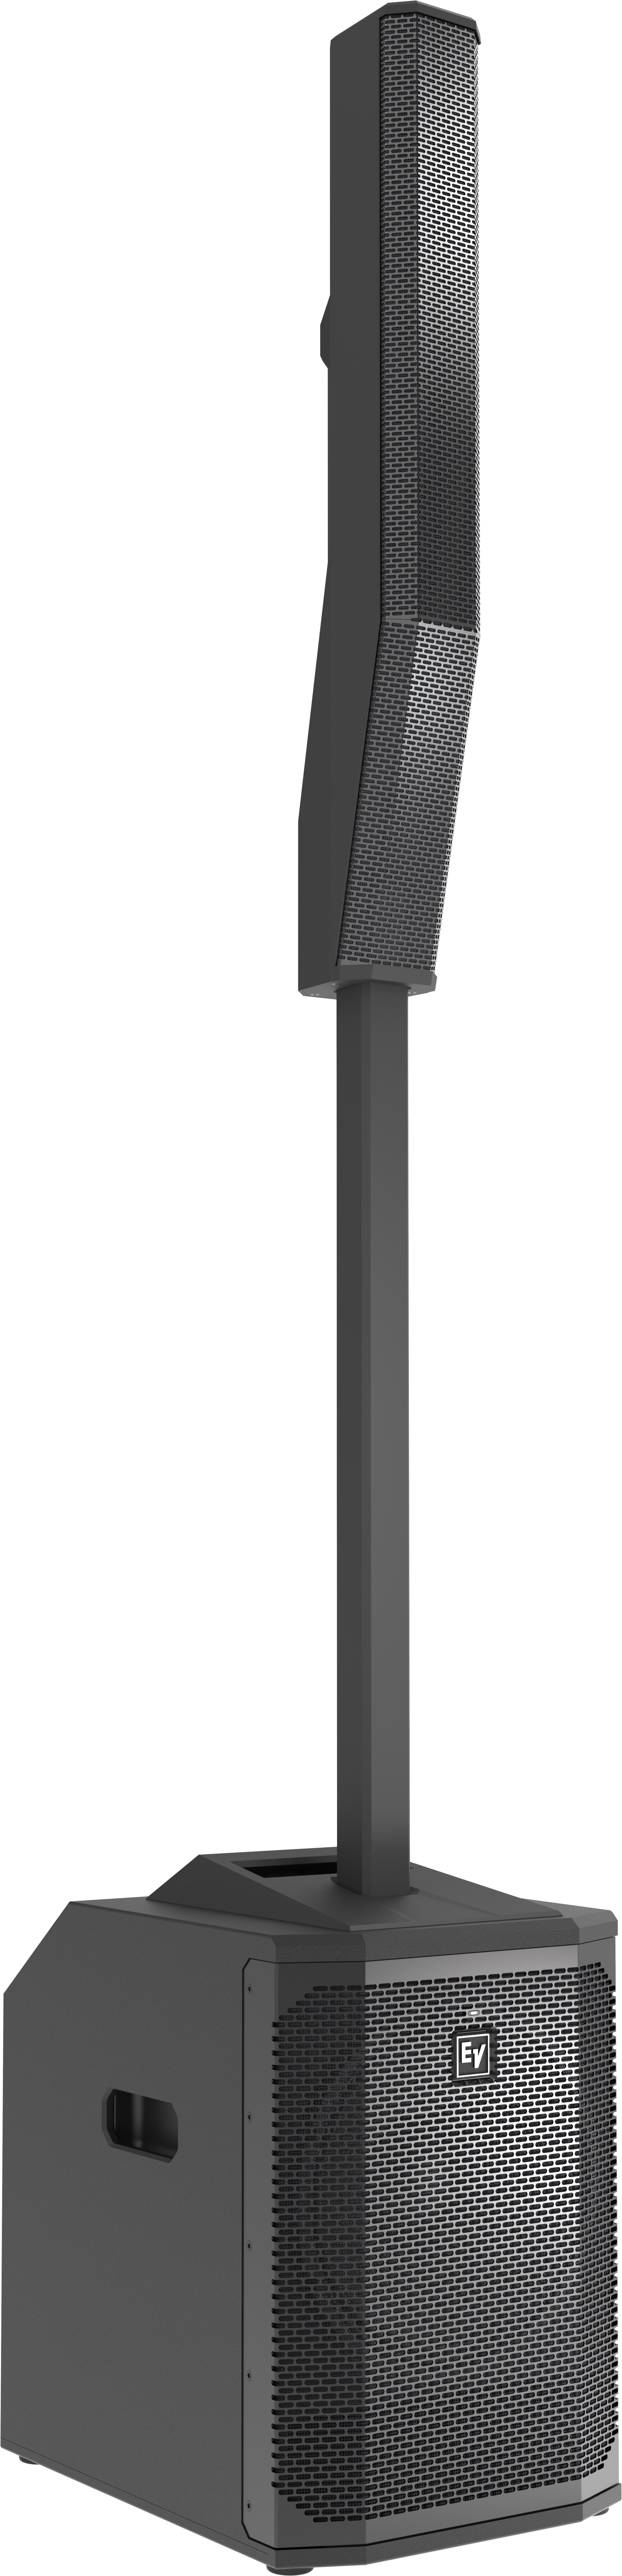 EVOLVE 50M BK - Sistem portabil tip coloana [1]